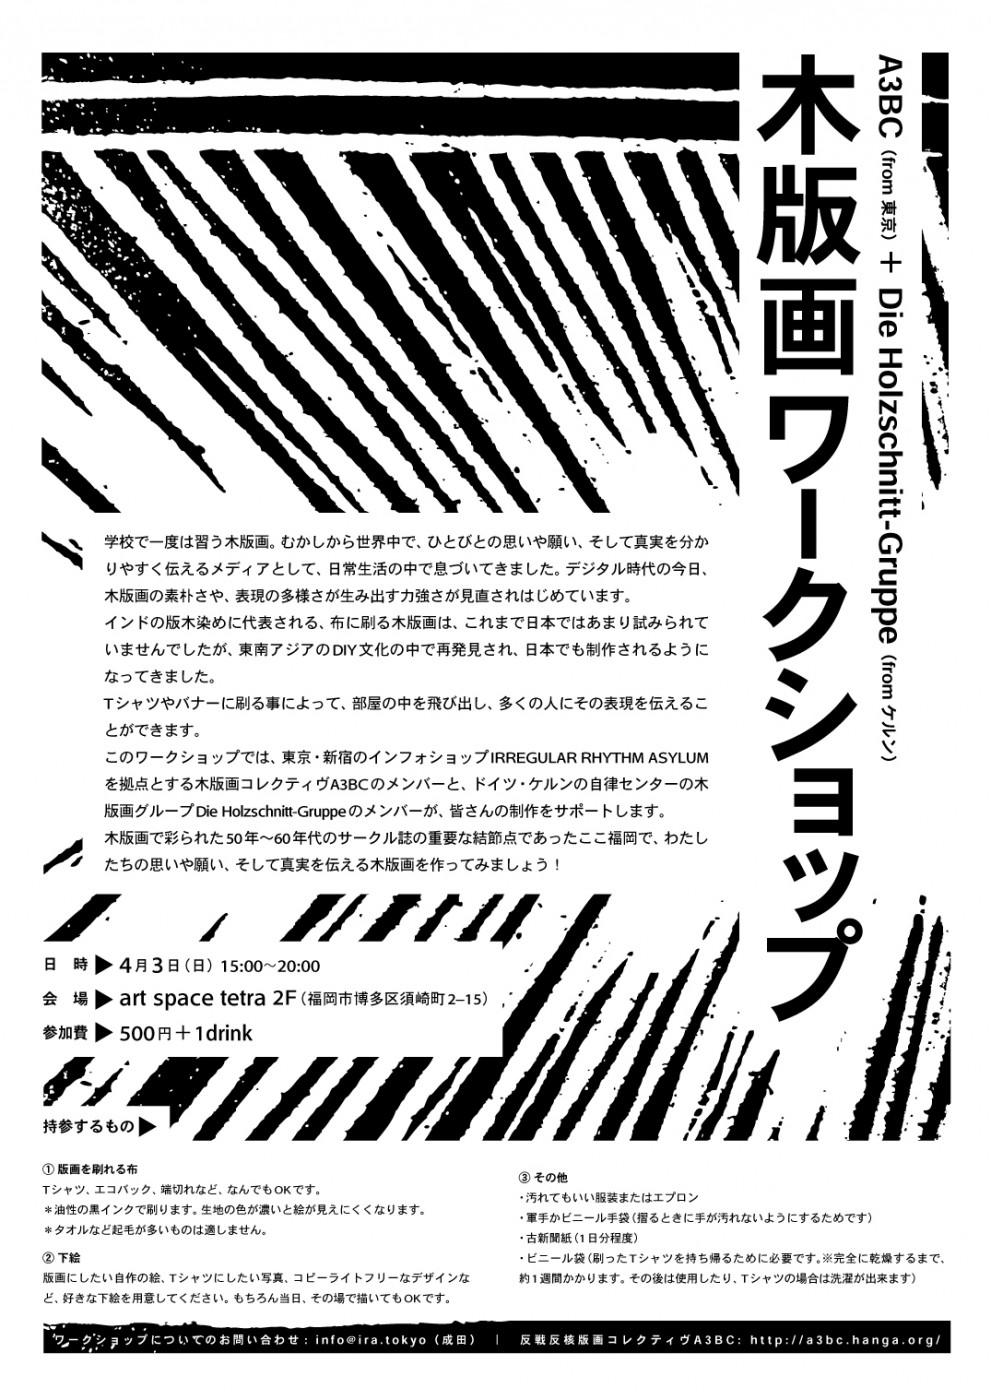 fukuoka_ws_flyer